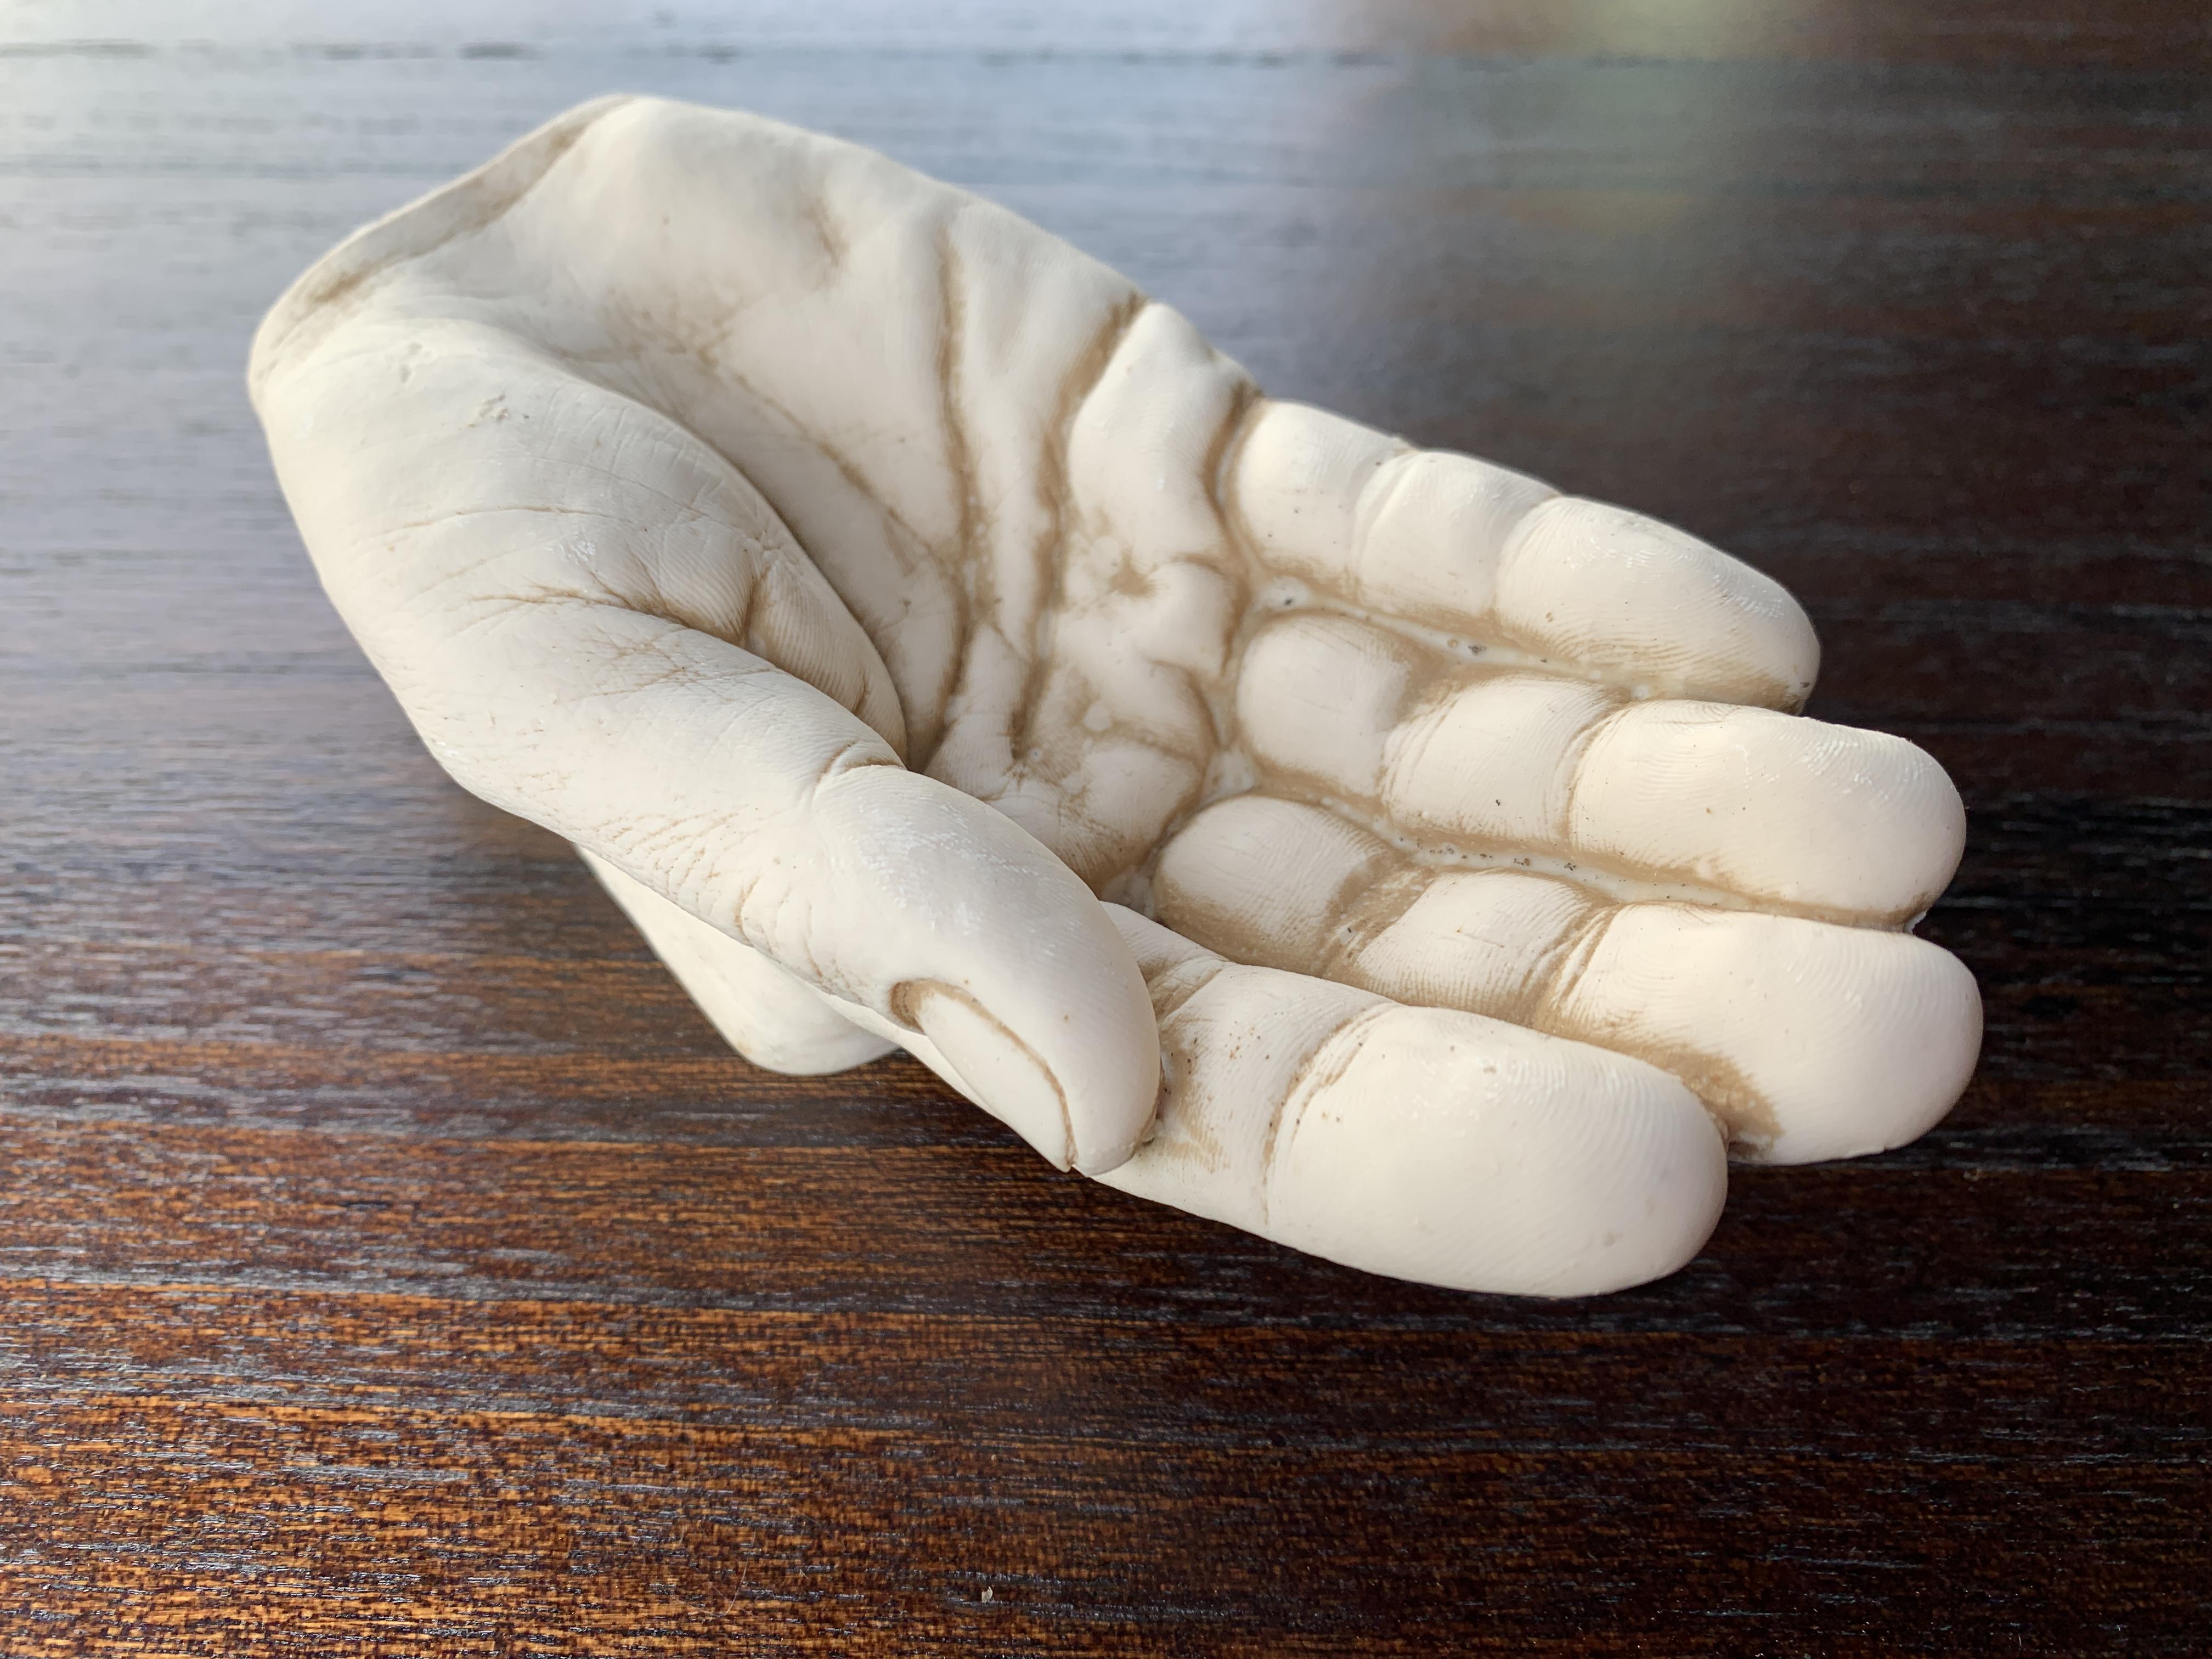 アンティーク調 ハンドアシュトレイ 手の形の灰皿 右手 ボロン樹脂製